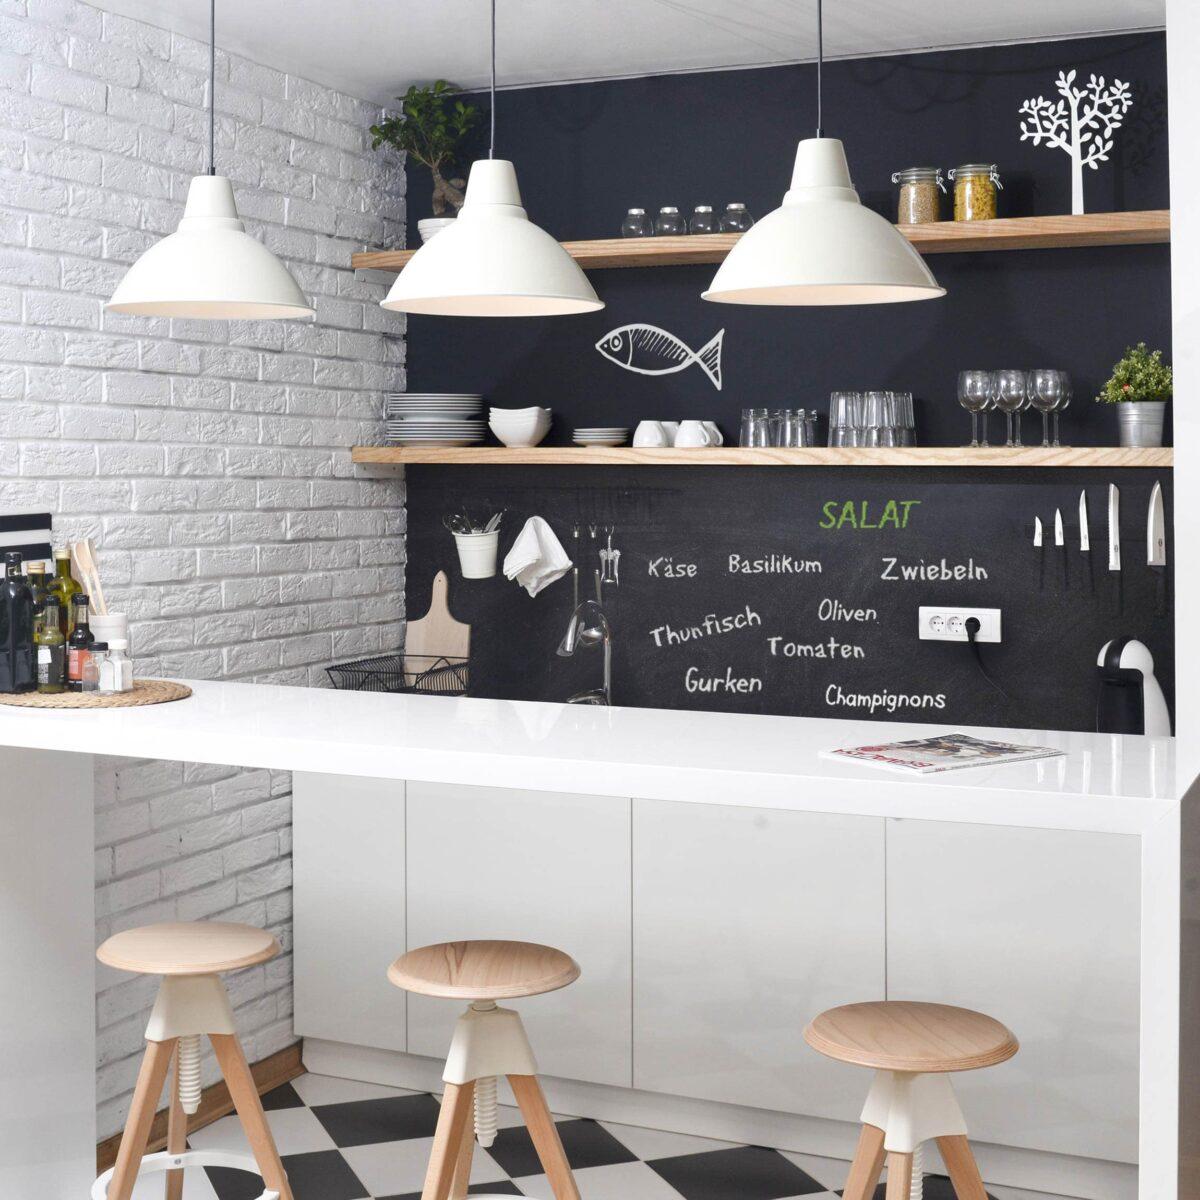 Pitture decorative per la cucina: fate largo alla creatività